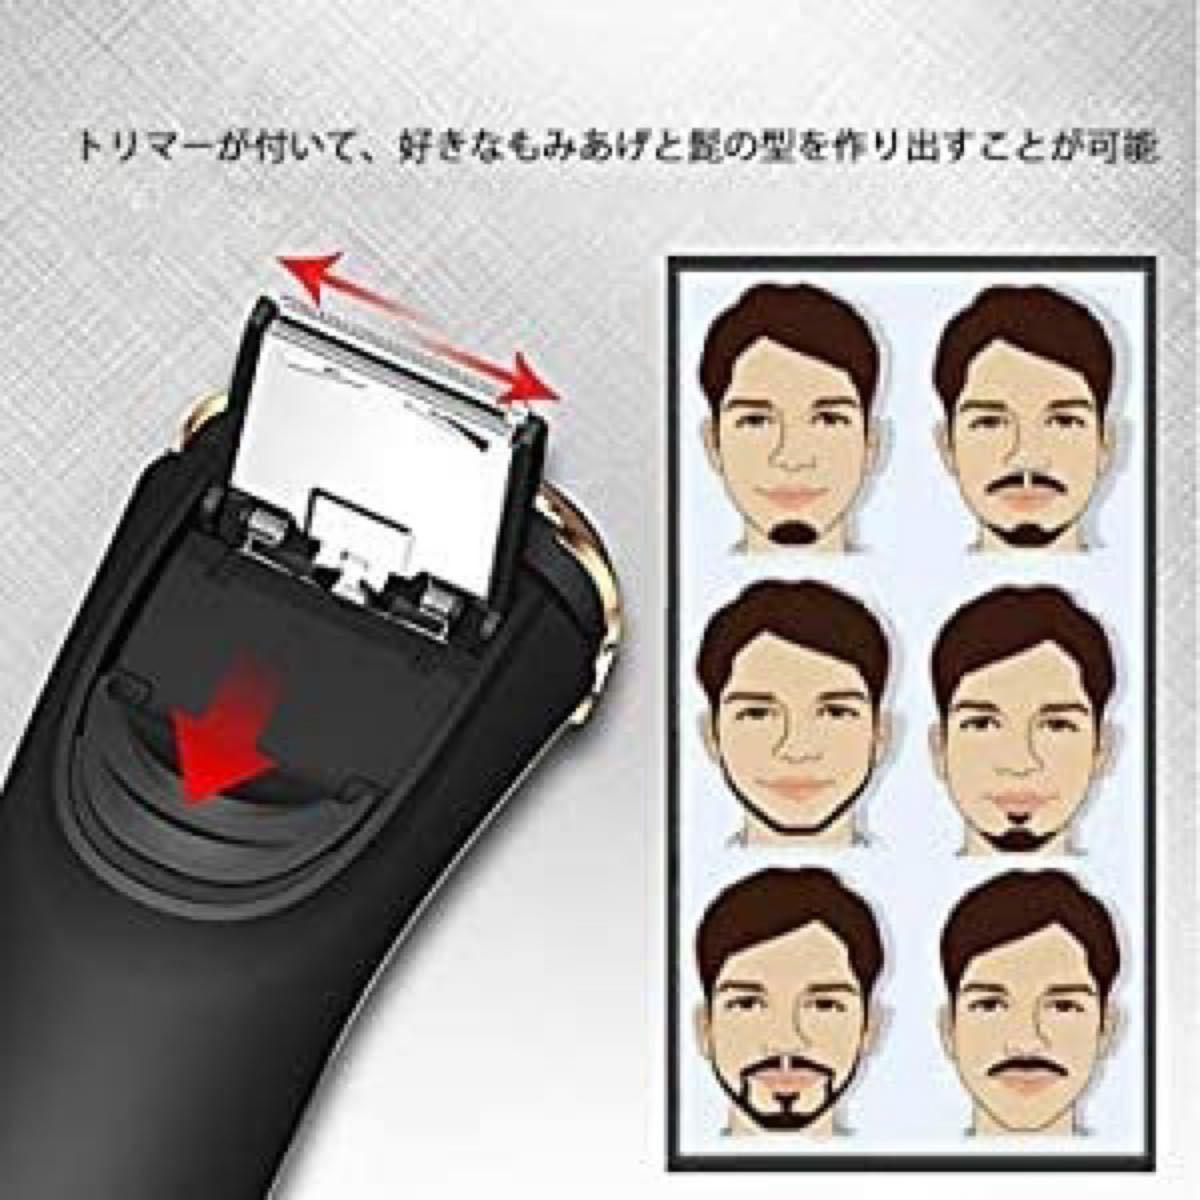 電気シェーバー  メンズシェーバー  電気カミソリ 充電式 電動髭剃り 電動 電池式 脱毛器